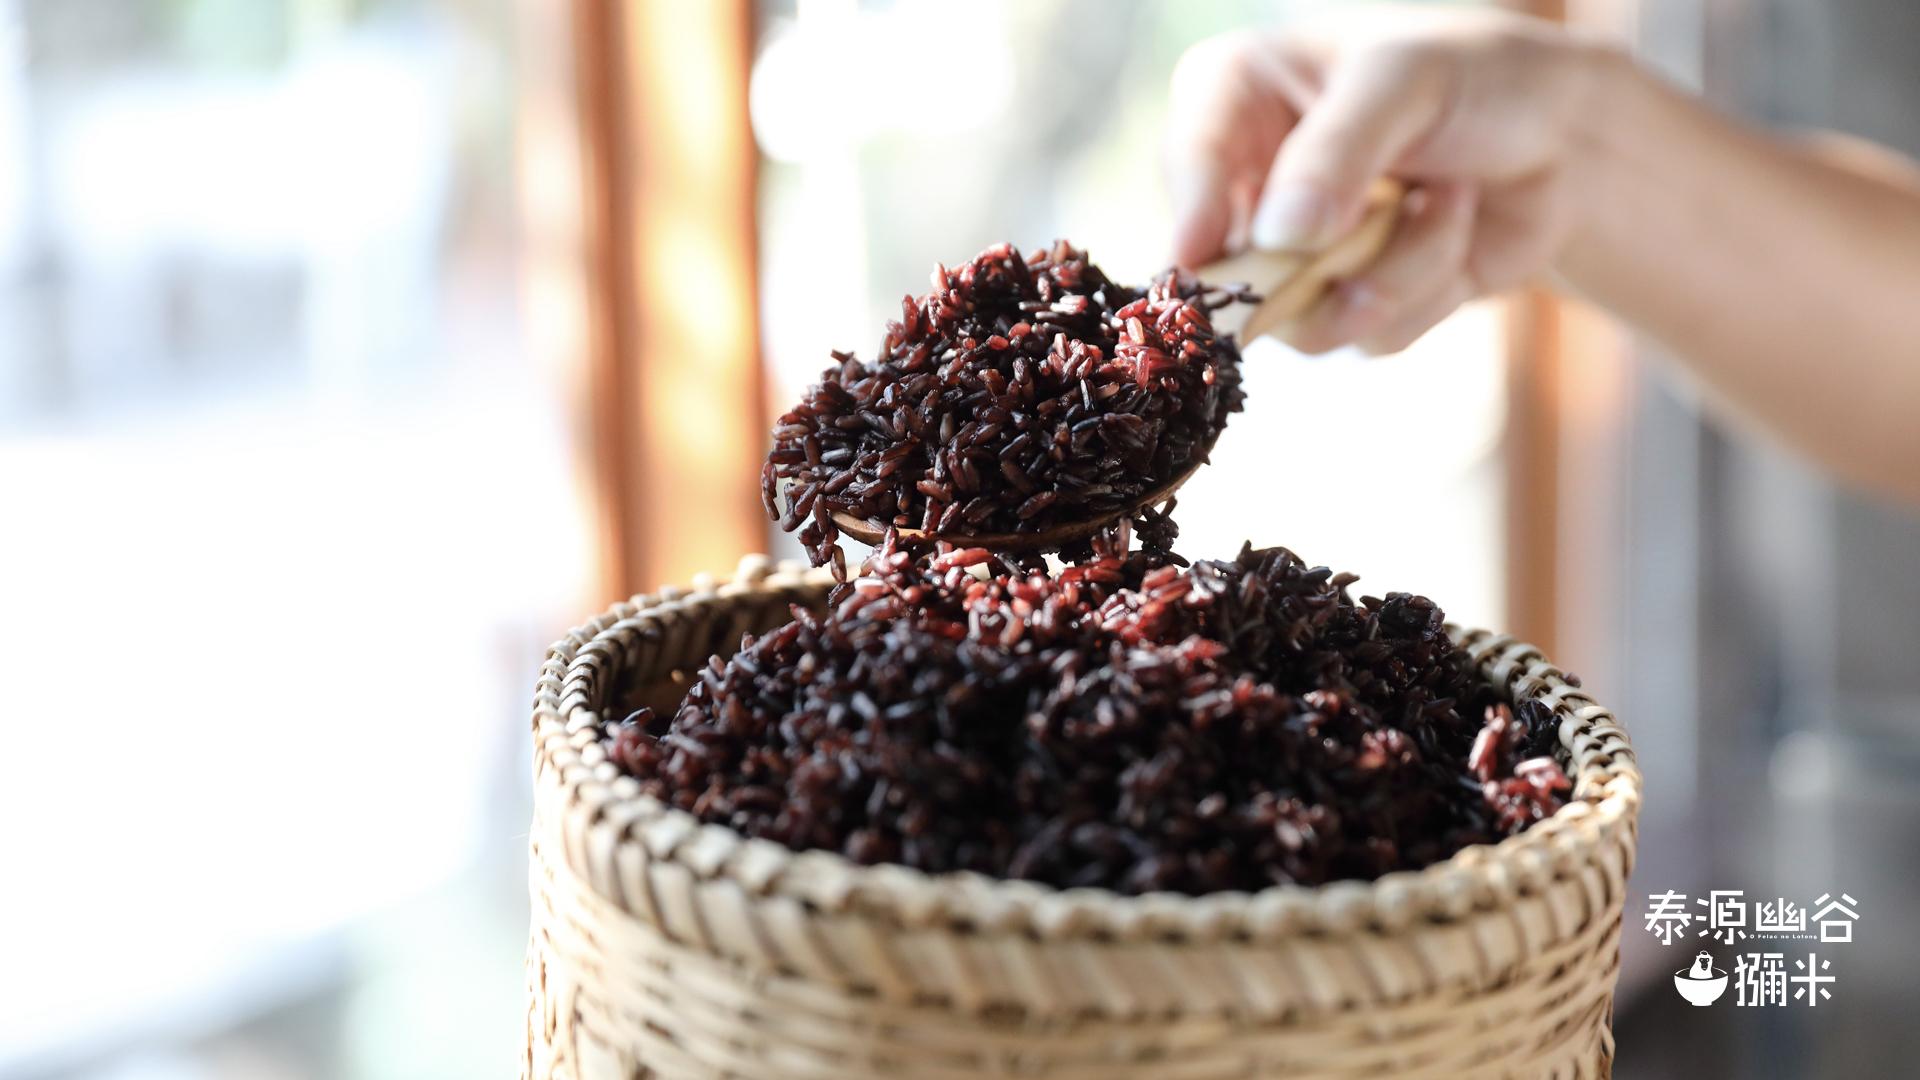 一碗煮熟的紫米飯,較黏稠也不易消化